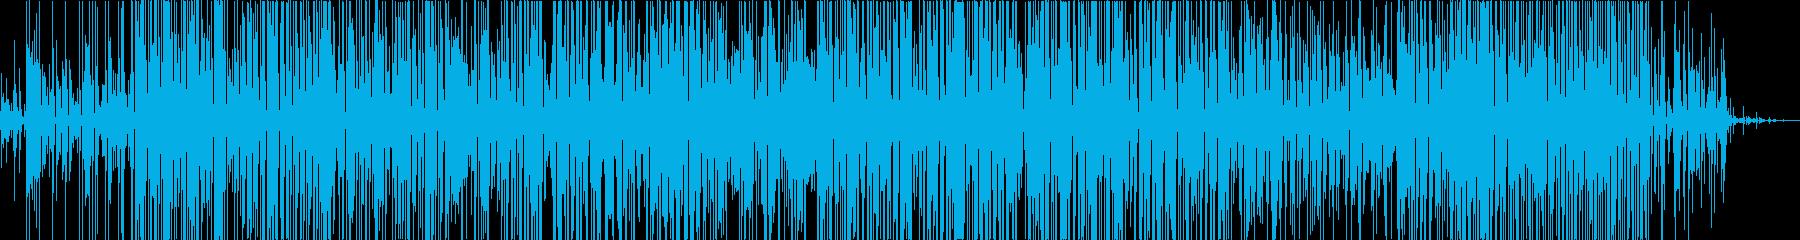 無感情なイメージのエクスペリメンタルの再生済みの波形